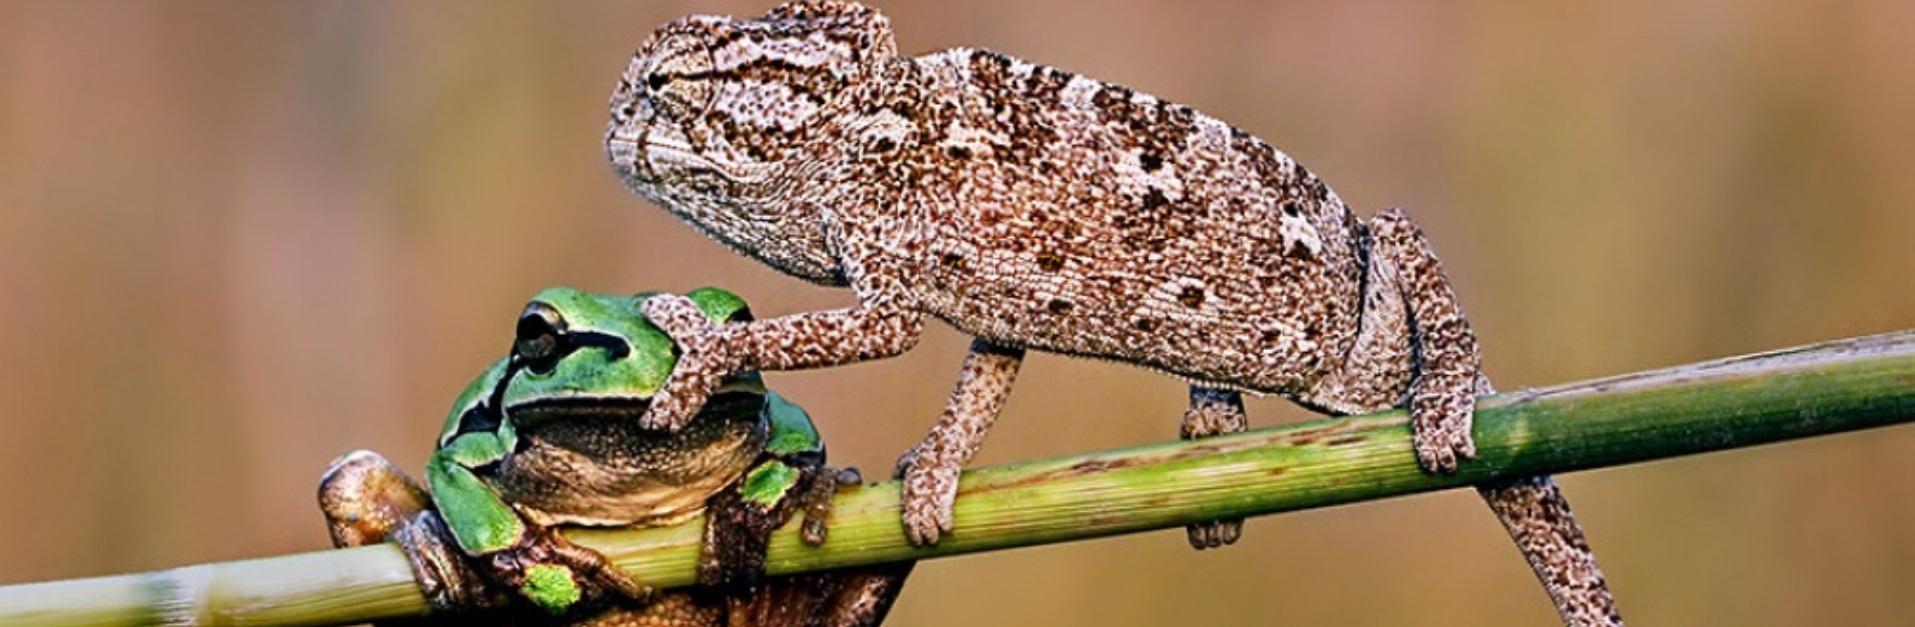 10 fotografii perfecte cu animale. Nu veţi crede că nu sunt modificate în Photoshop - Galerie Foto